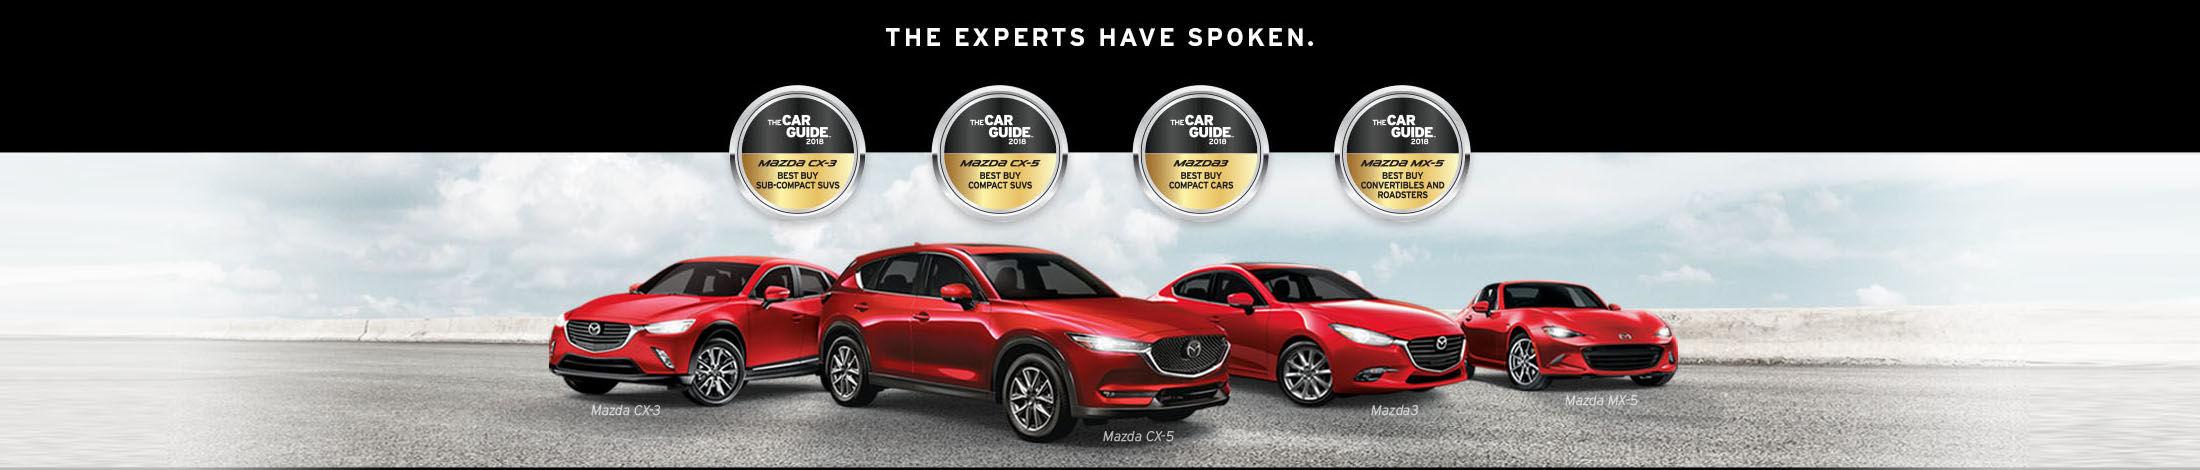 Mazda's 2018 Car guide